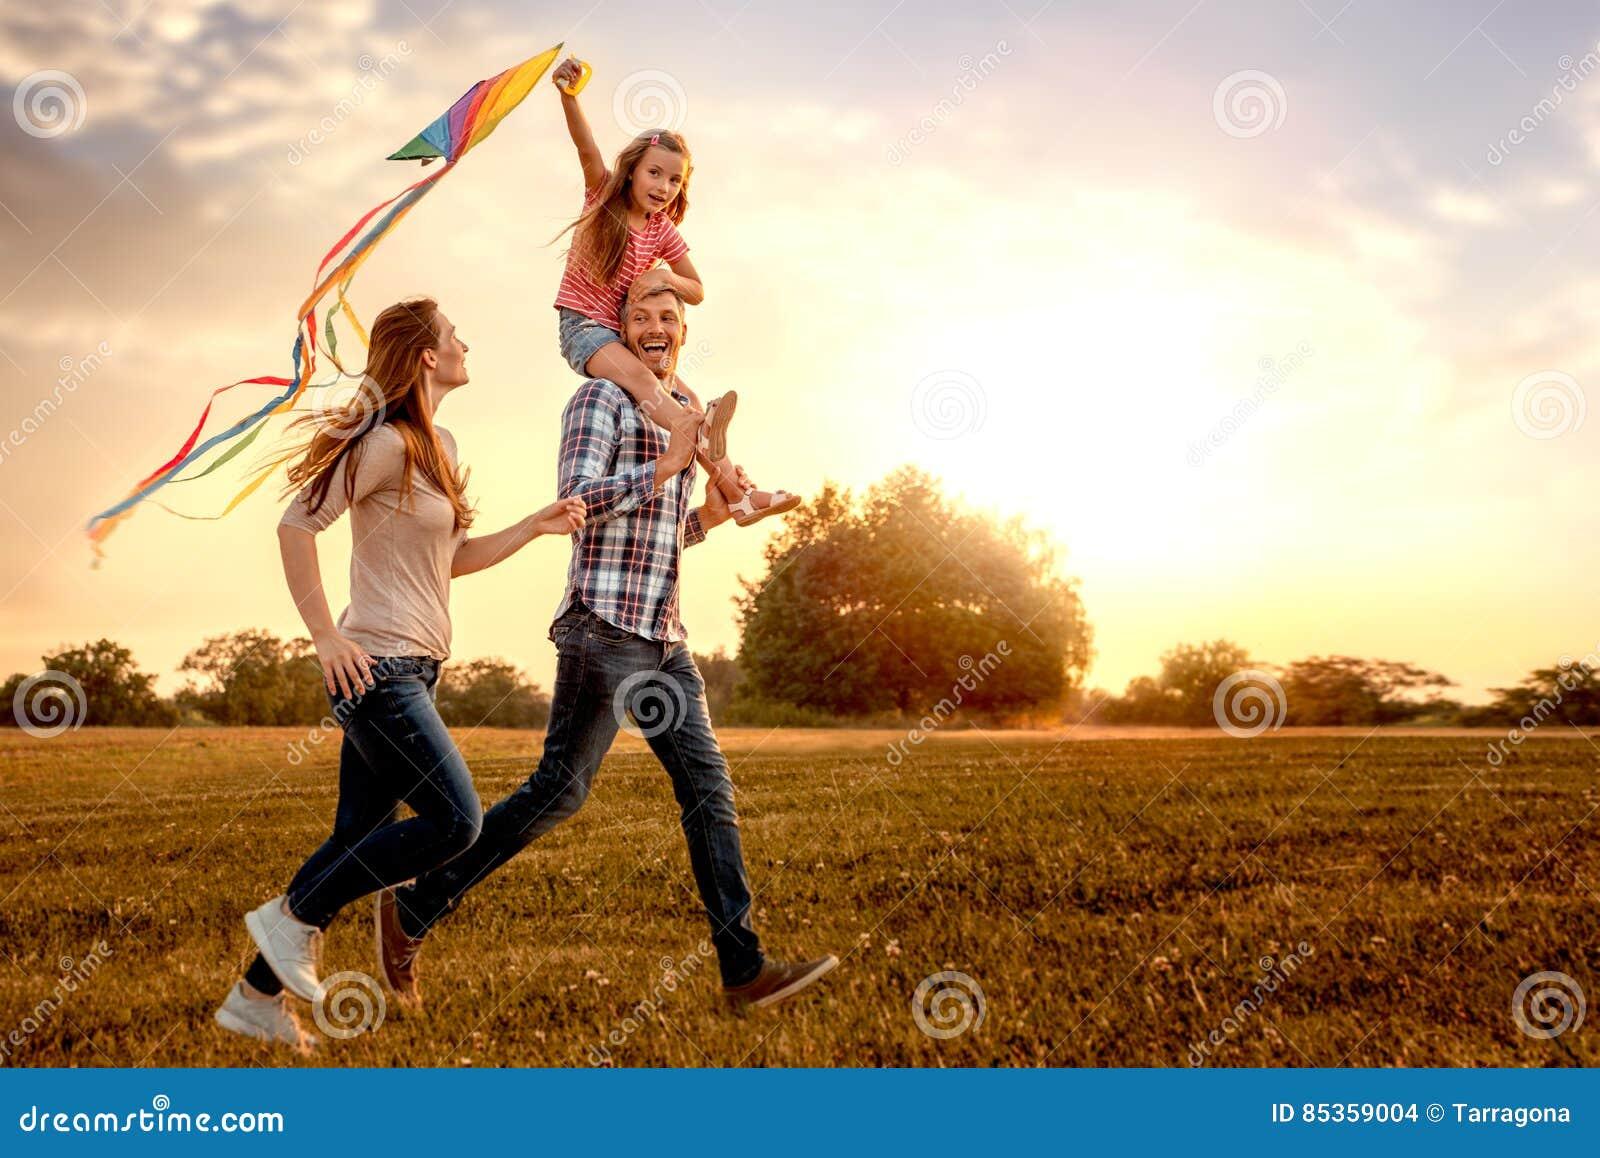 Dragon kite family